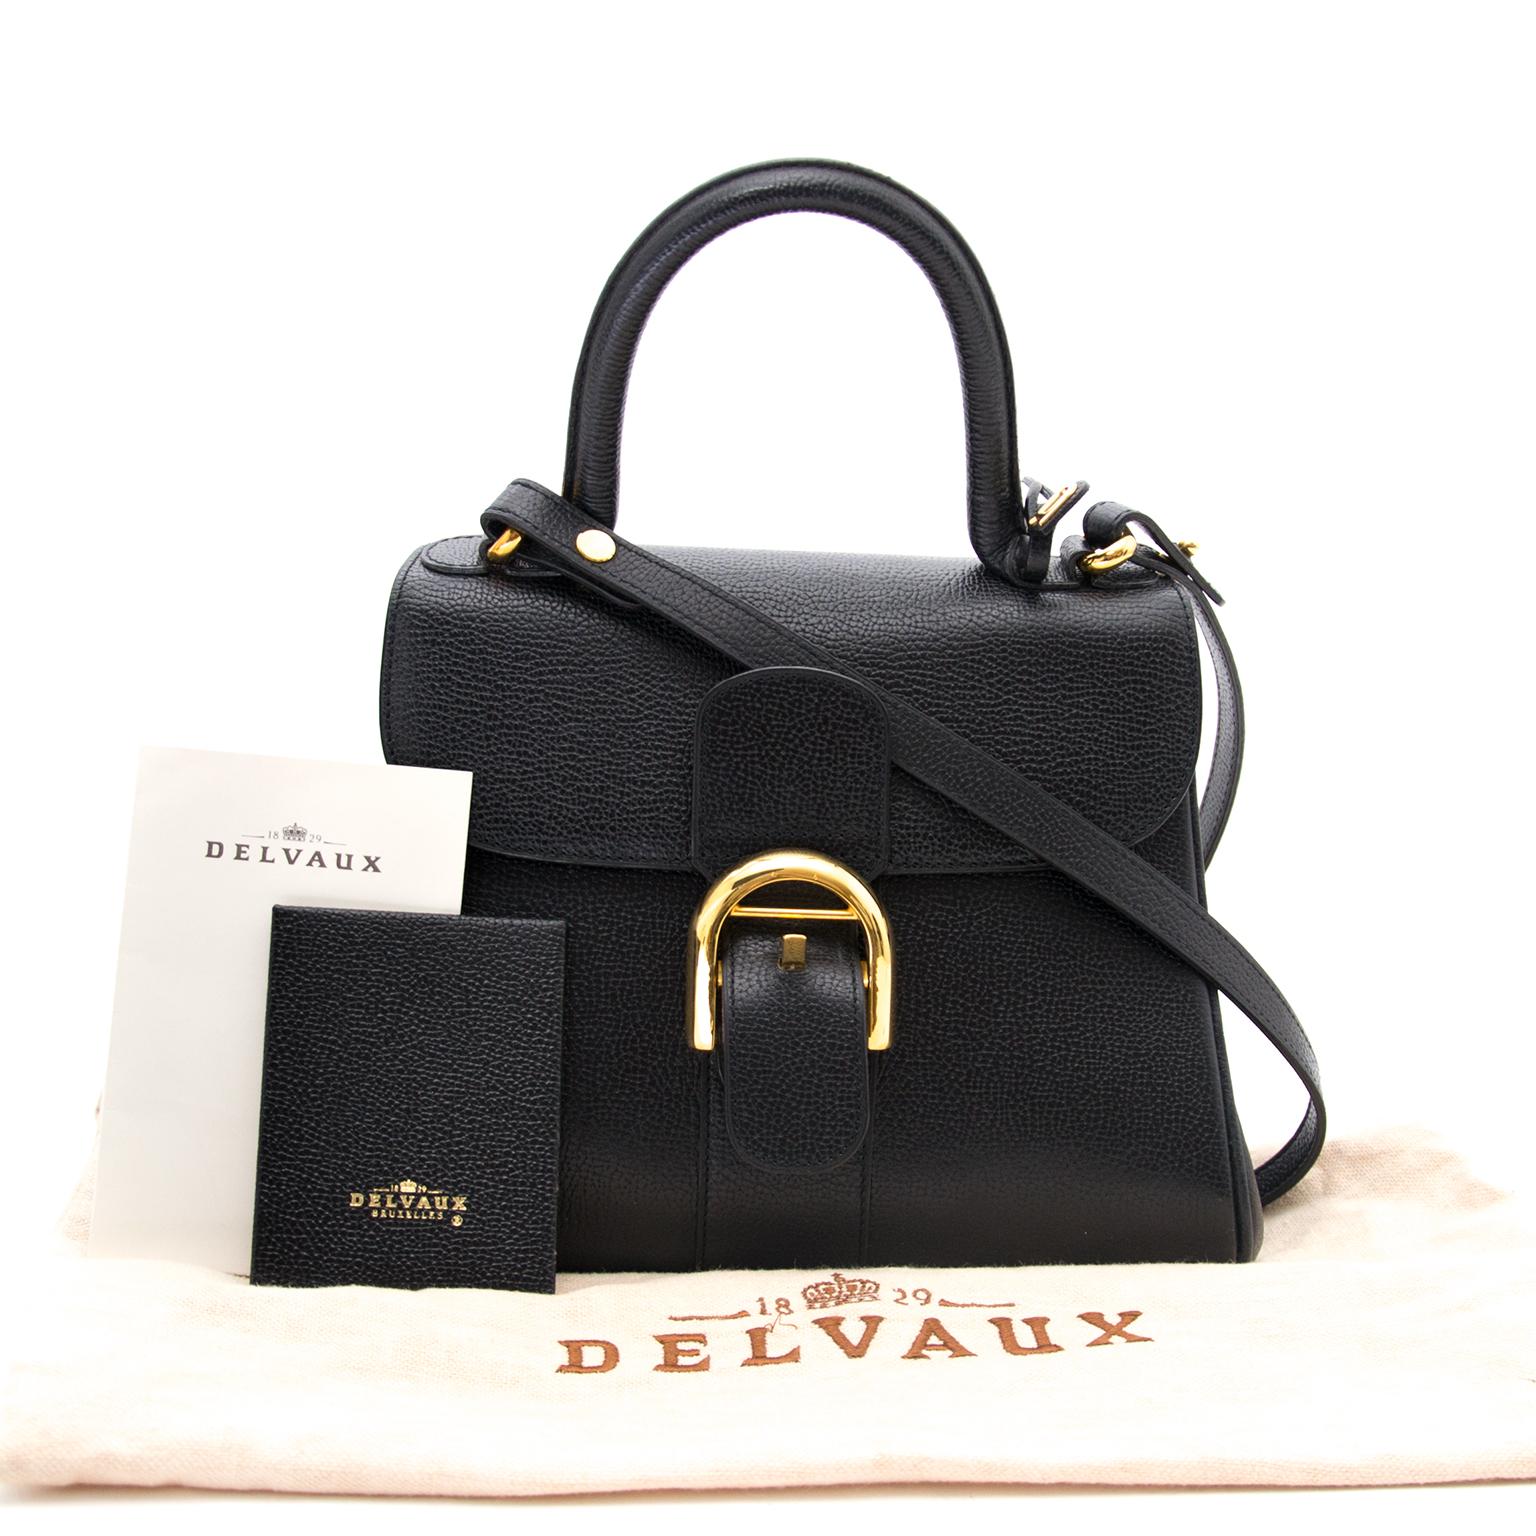 acheter en ligne pour le meilleur prix sac a main Delvaux Black Brillant PM + Strap